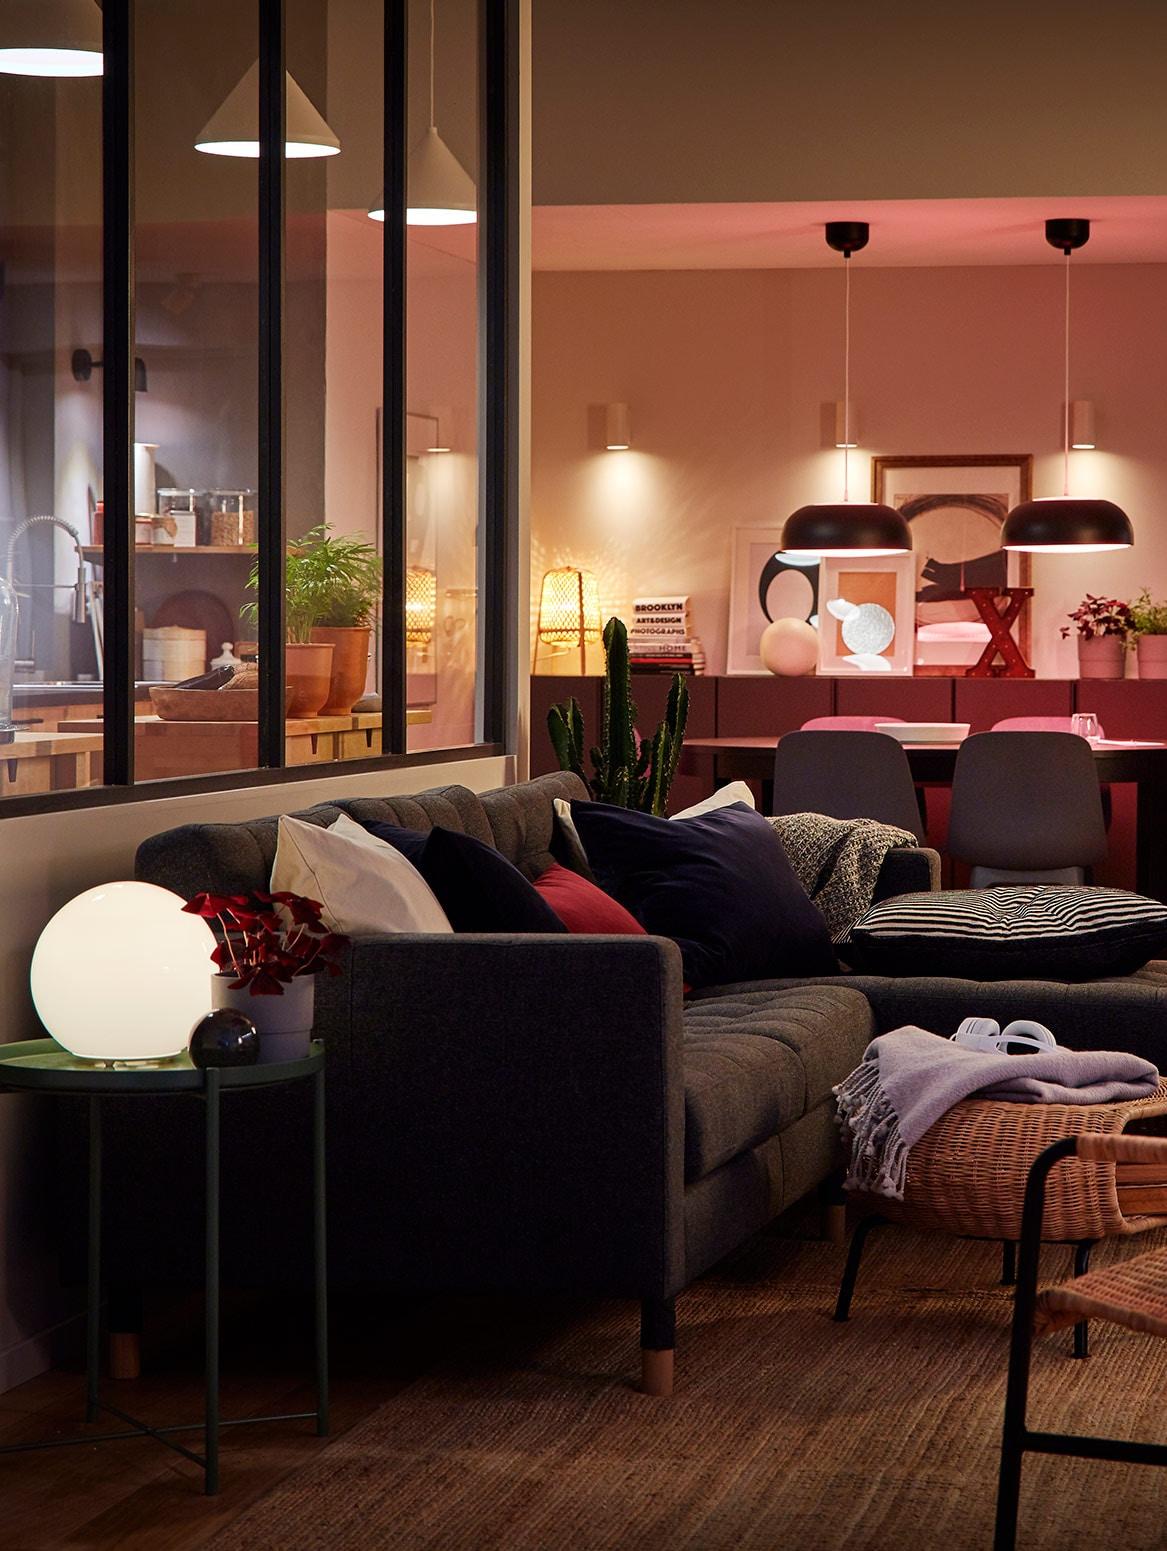 Гостиная: диван с декоративными подушками, стол со стульями, подвесные светильники и настольные лампы.